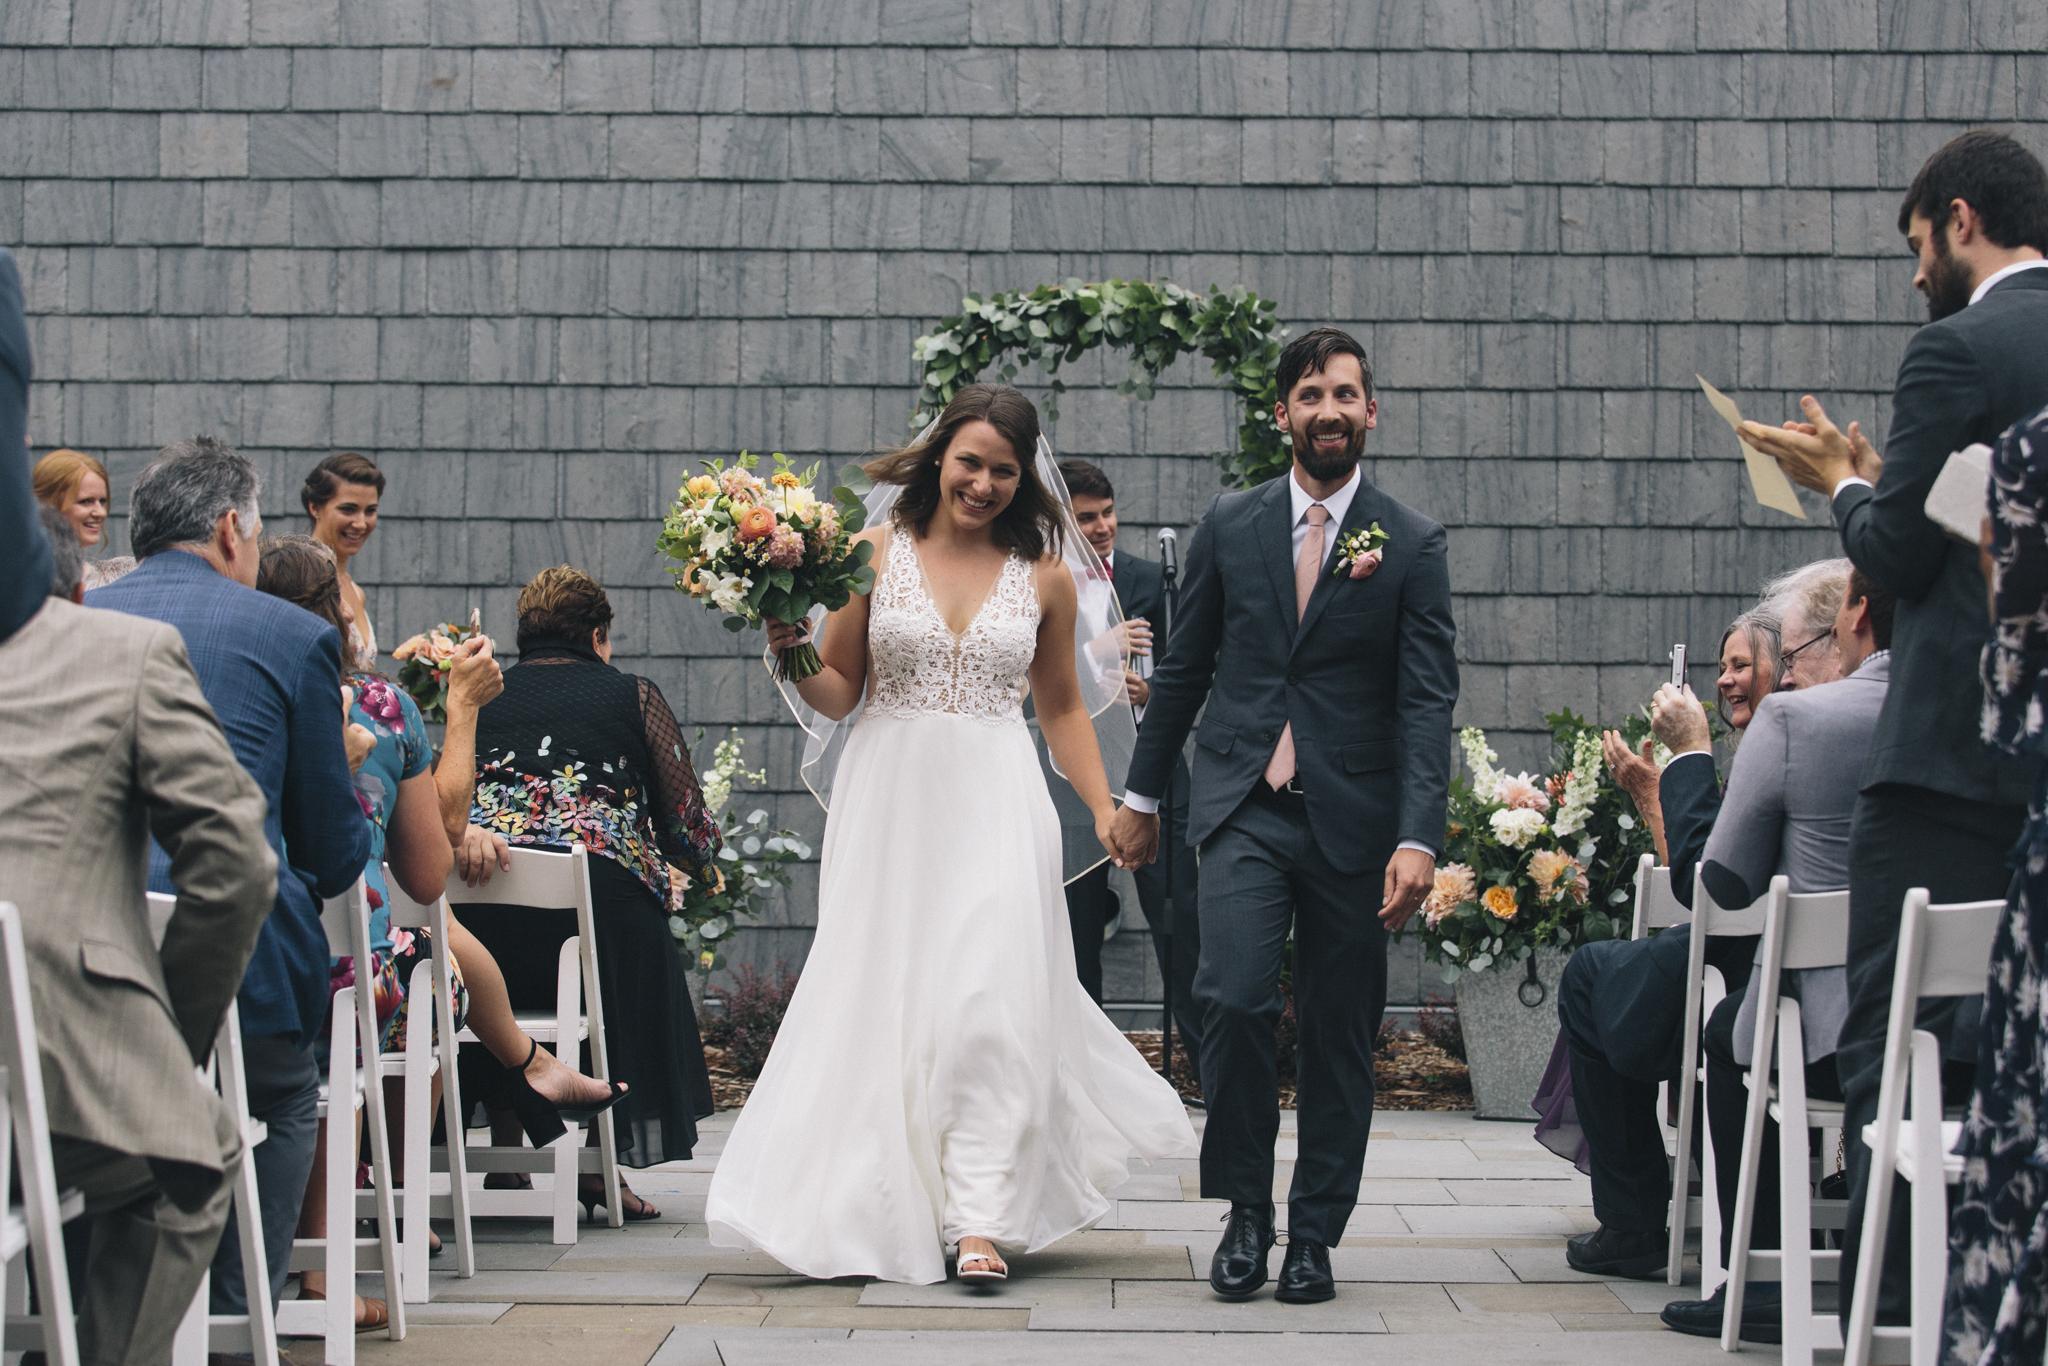 harlan_megmike_wedding_83.jpg